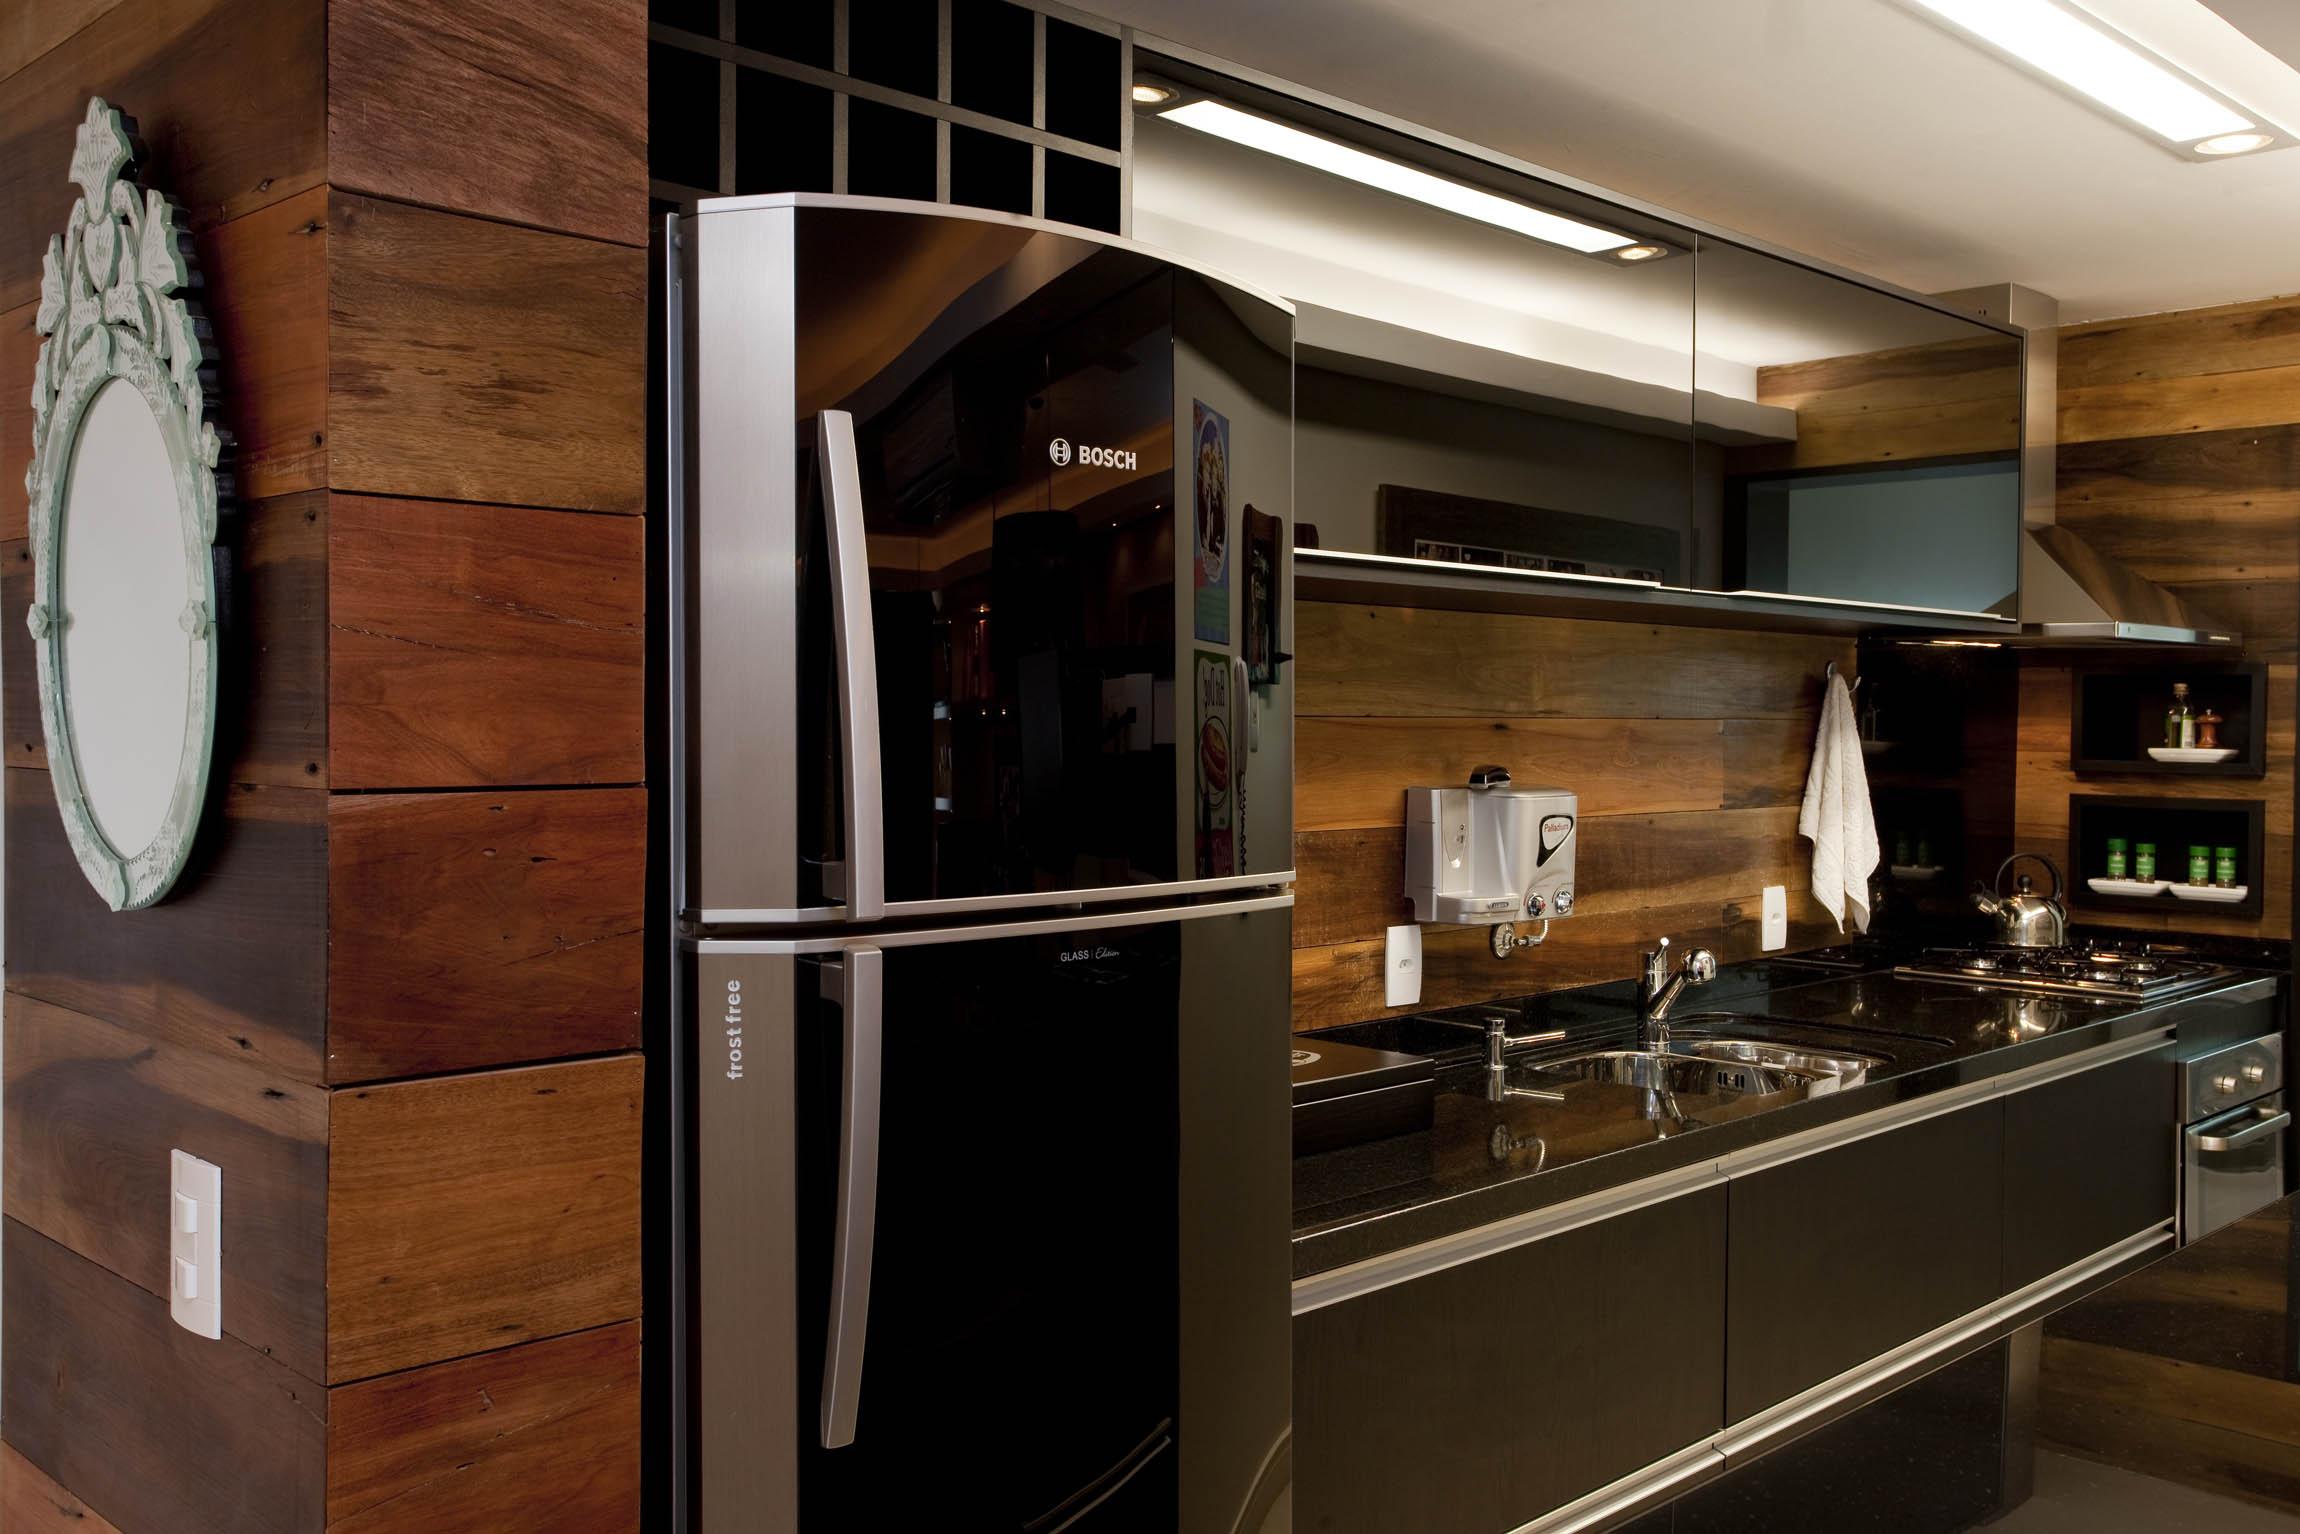 A Cozinha Nossa De Cada Dia It Ideias Conte Do Inovador E